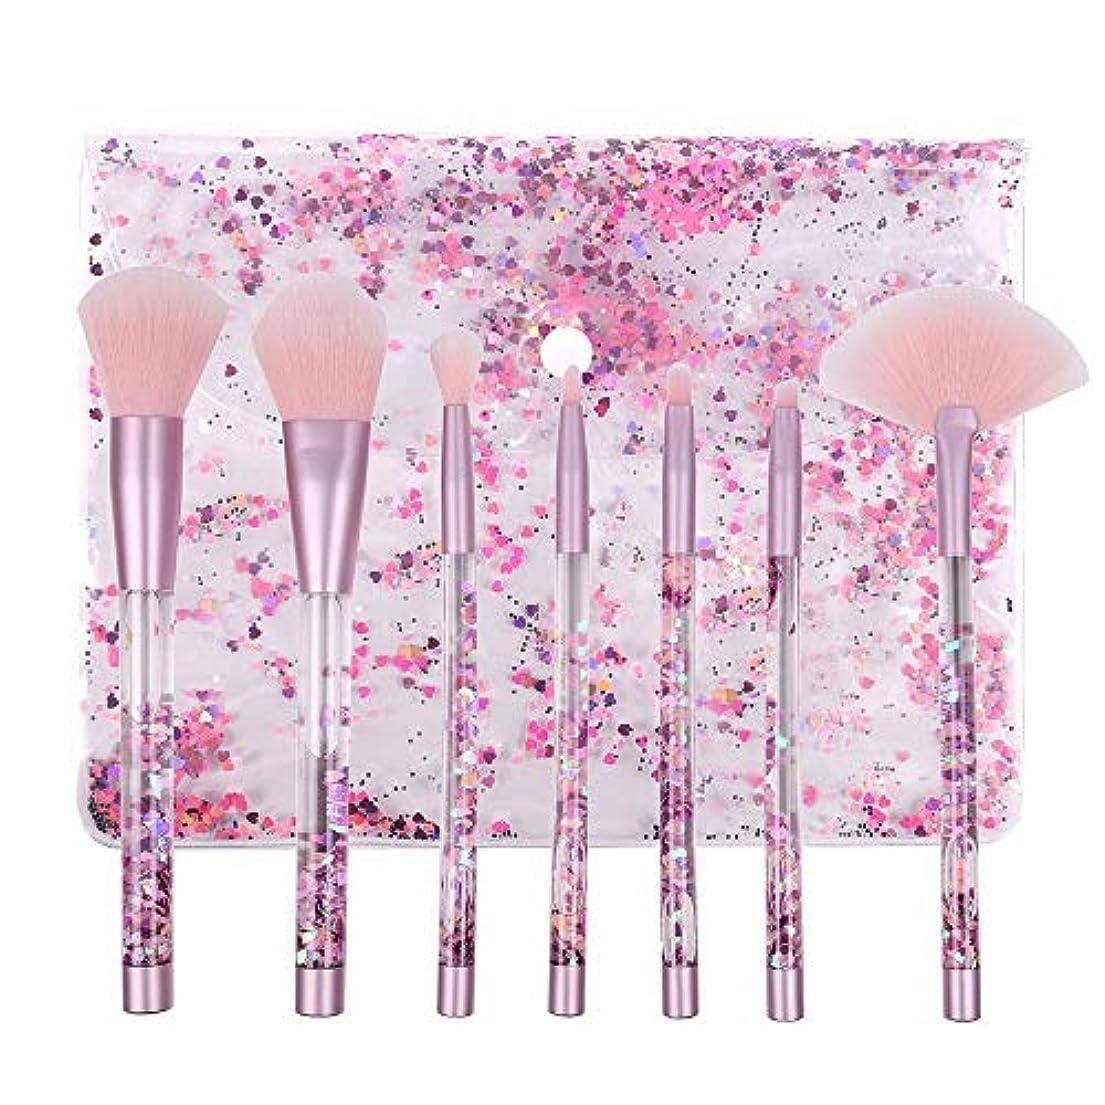 群衆レジデンス難破船Makeup brushes 化粧ブラシセット7ピースクリスタルピンク液体の光沢のある流砂のハンドル化粧ブラシナイロンブラシ suits (Color : Purple glitter handle and pink hair)